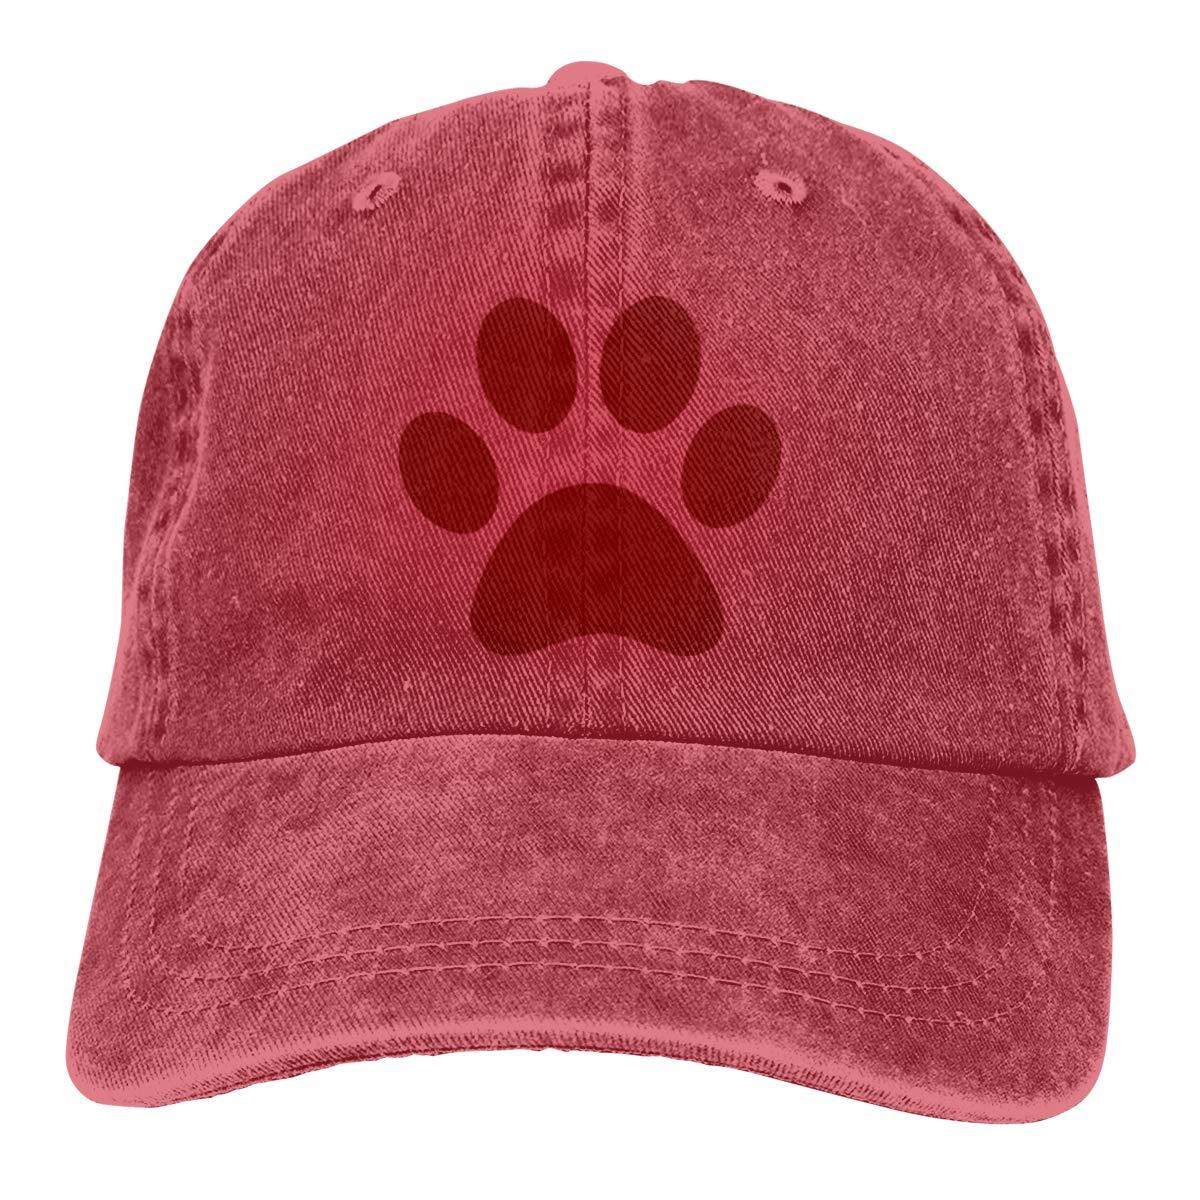 Adult Unisex Jeans Cap Adjustable Hat Cat Paw Clip Art Cotton Denim